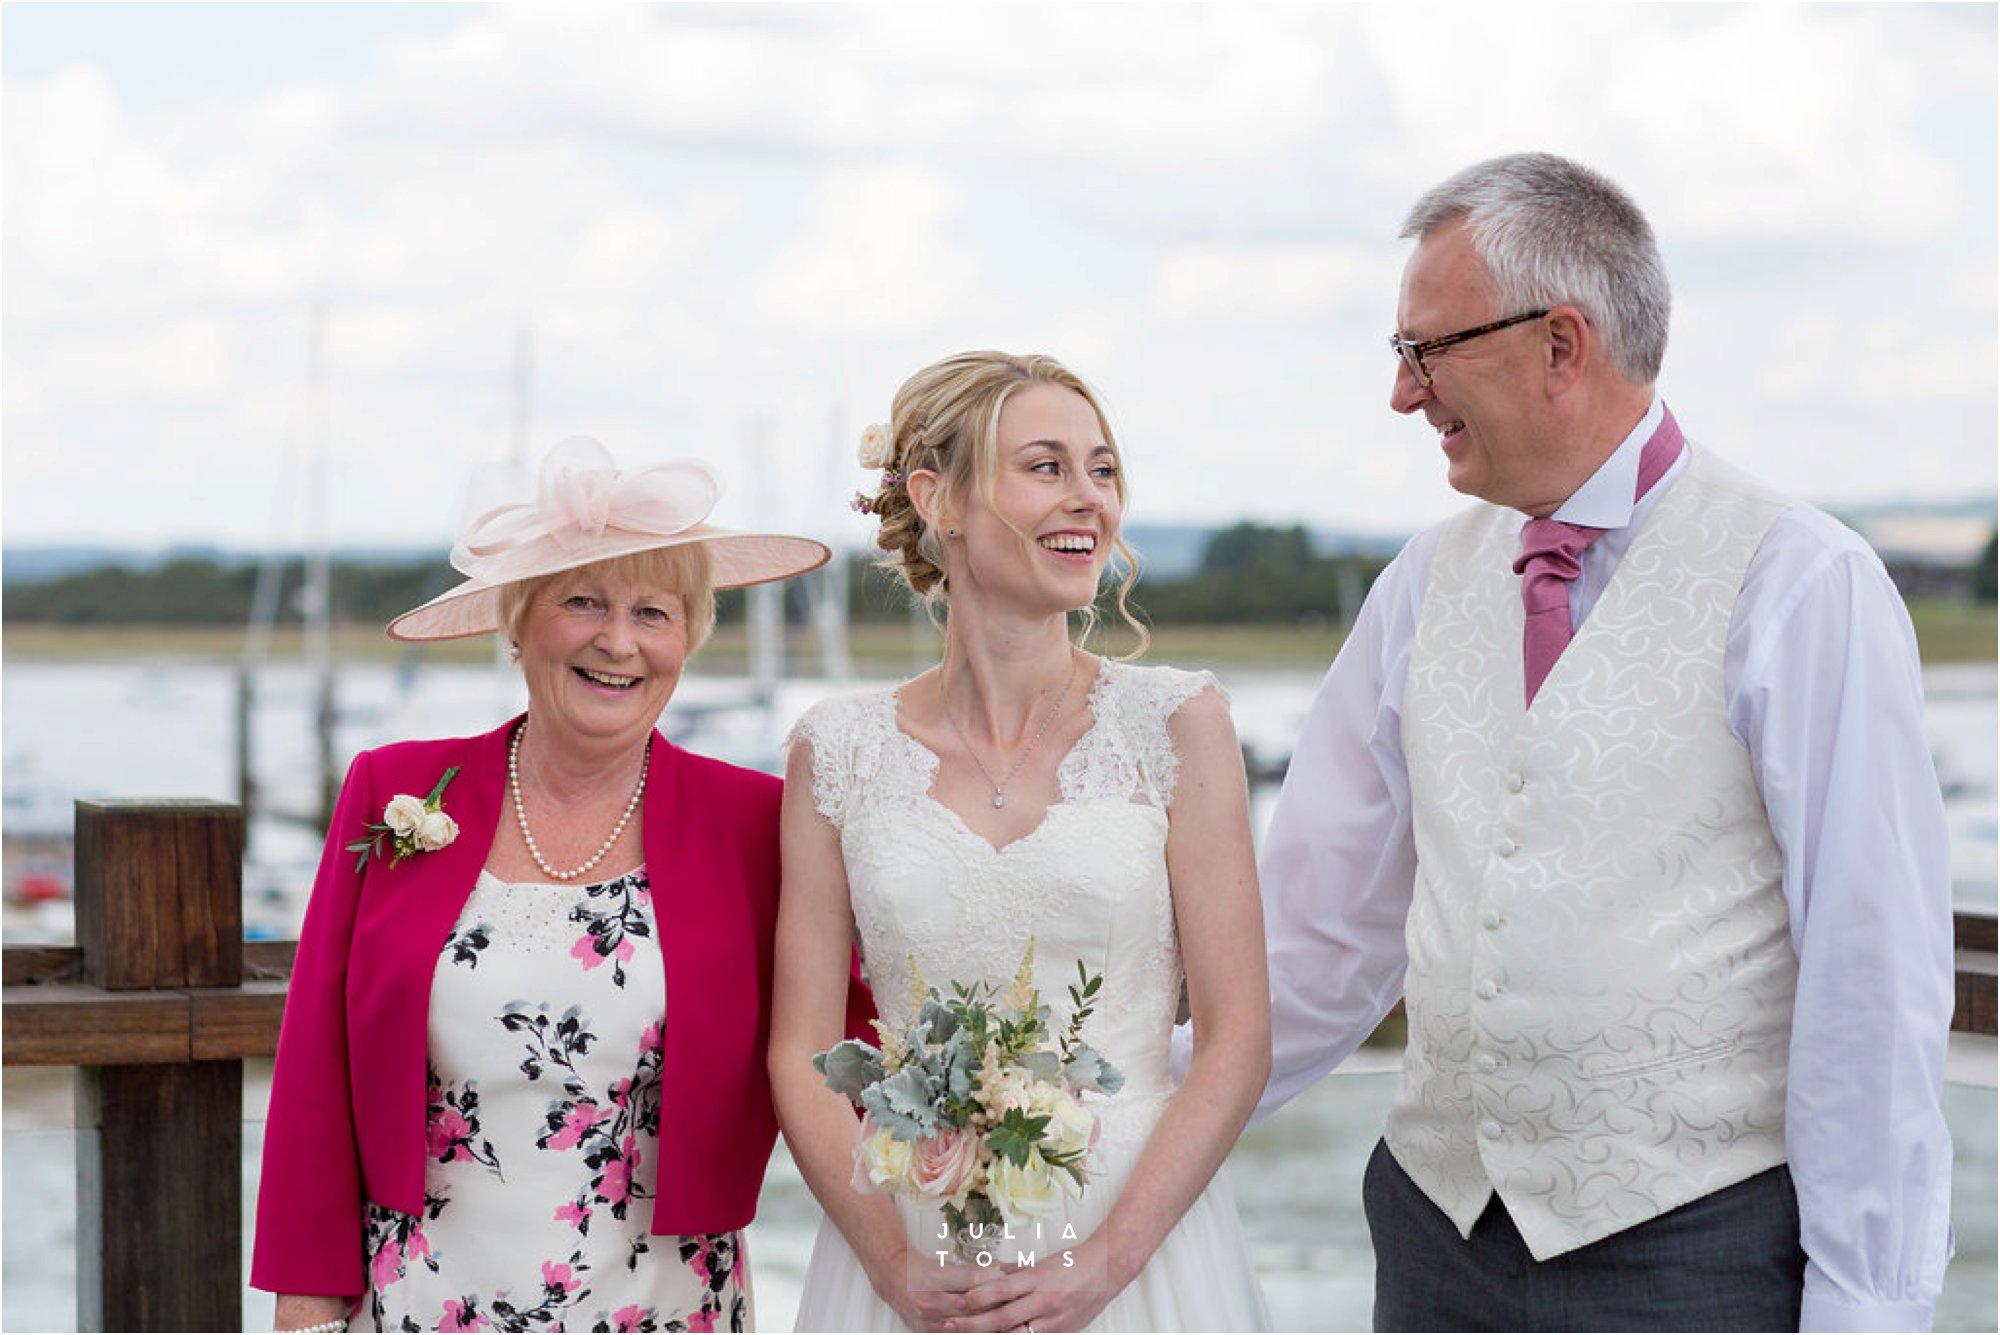 itchenor_wedding_chichester_photographer_013.jpg